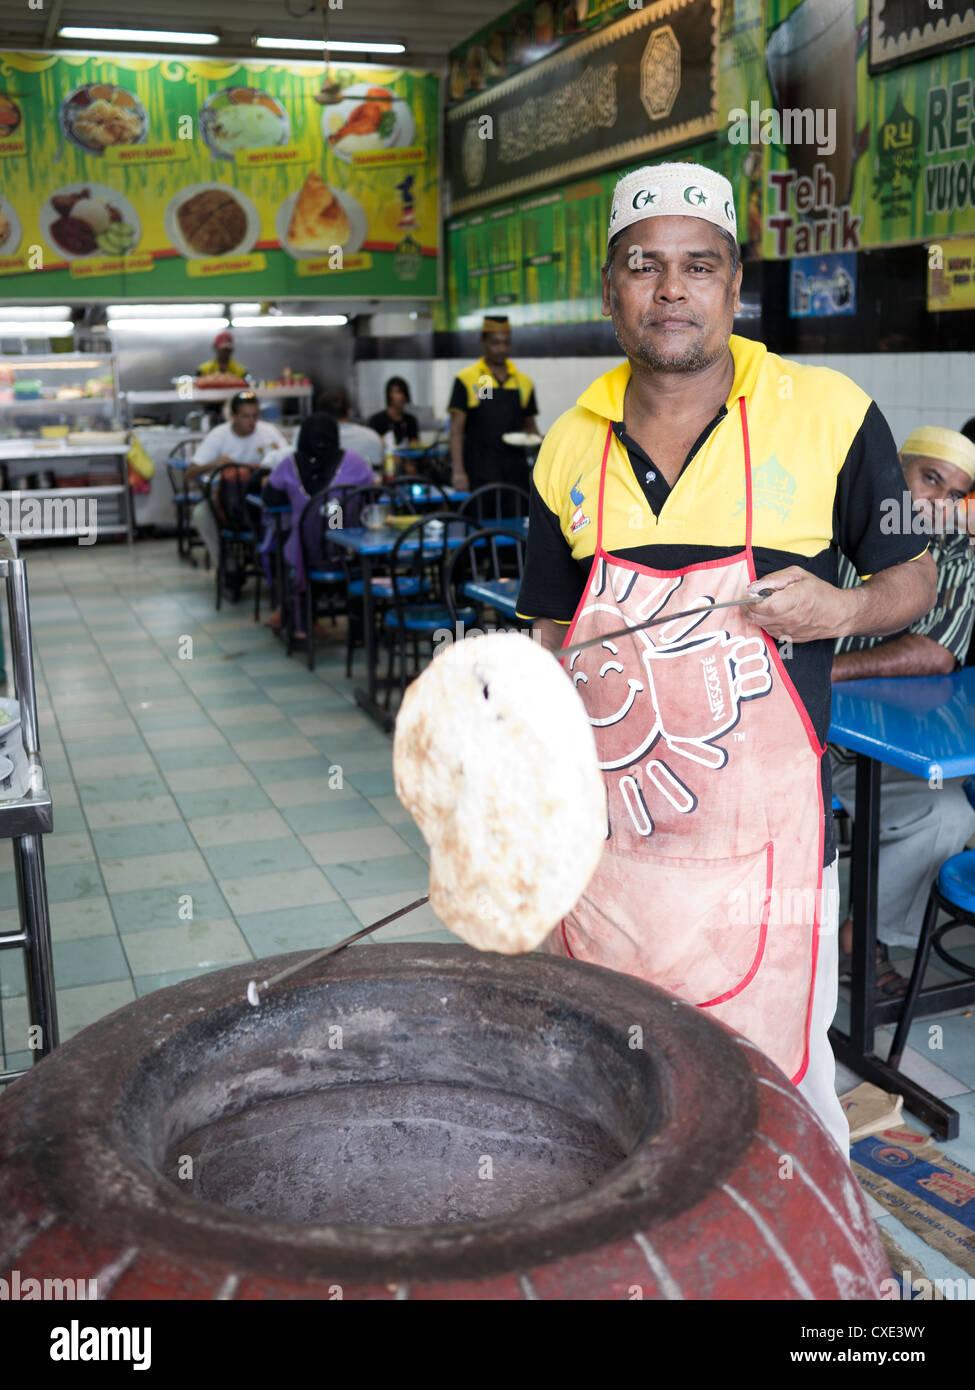 Cocinar pan plano indio, Little India, Kuala Lumpur, Malasia Imagen De Stock